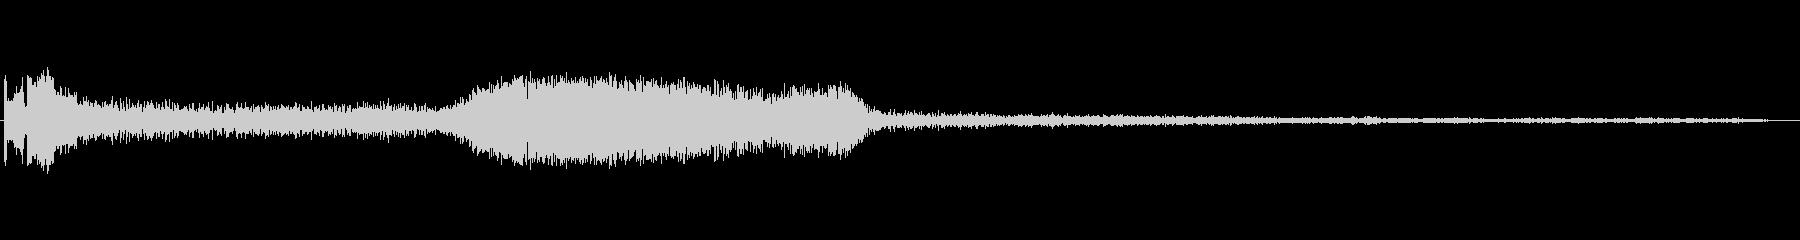 1968シボレーカマロホットロッド...の未再生の波形